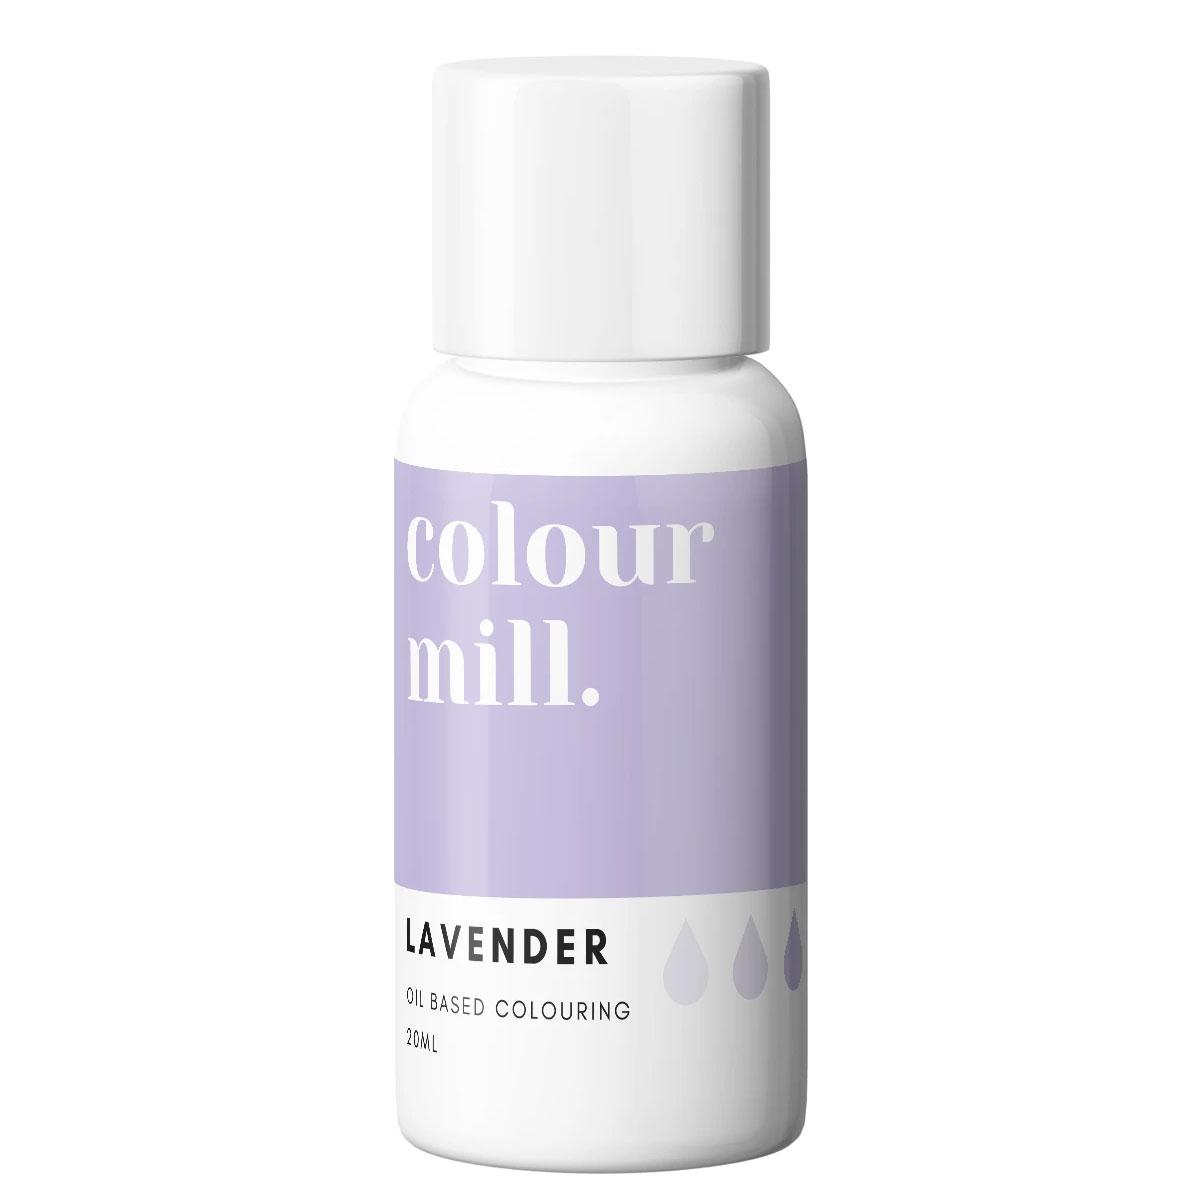 Colour Mill fettlösliche Lebensmittelfarbe - Lavender 20ml